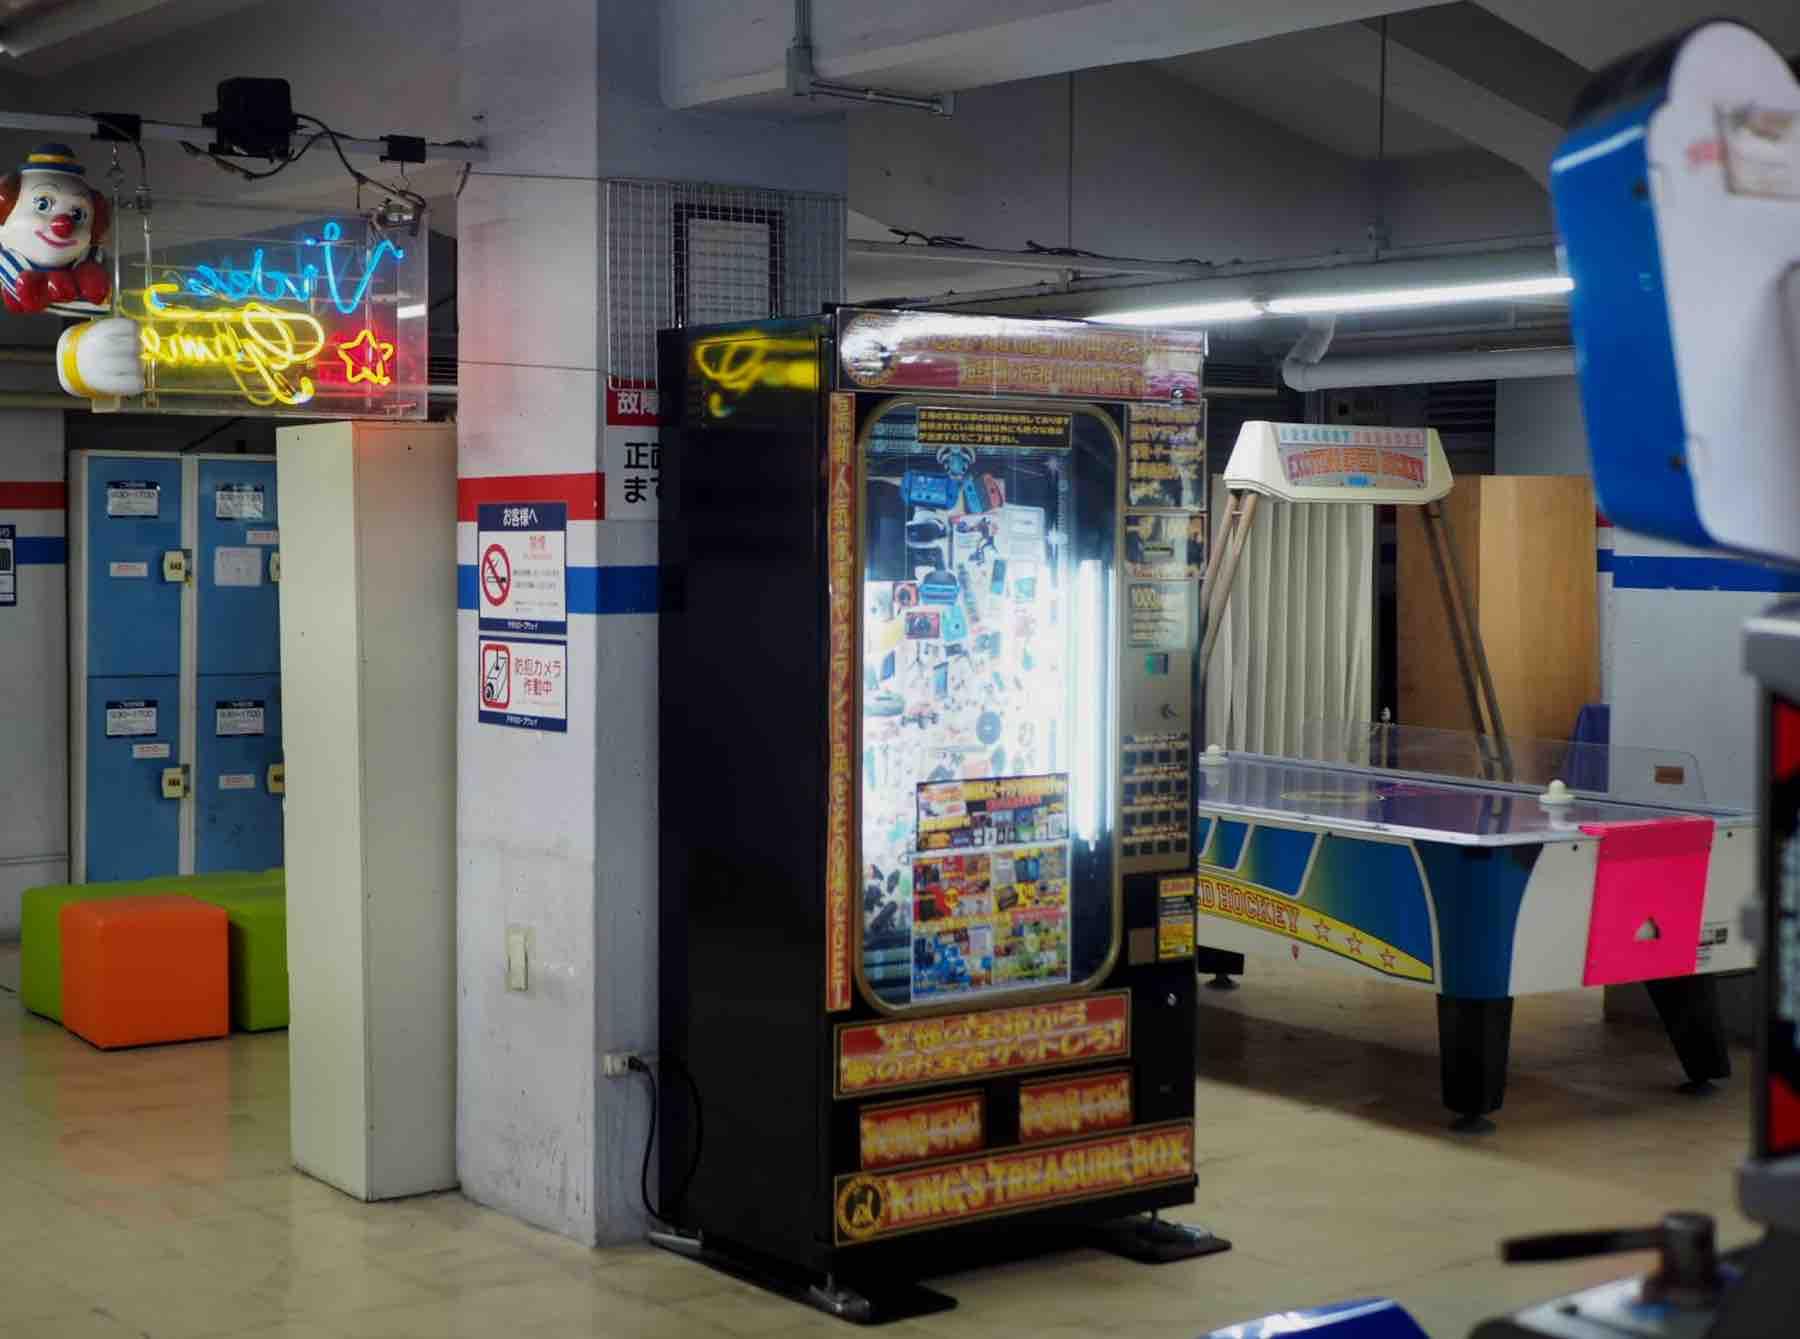 熱海ロープーウェイのゲームセンター